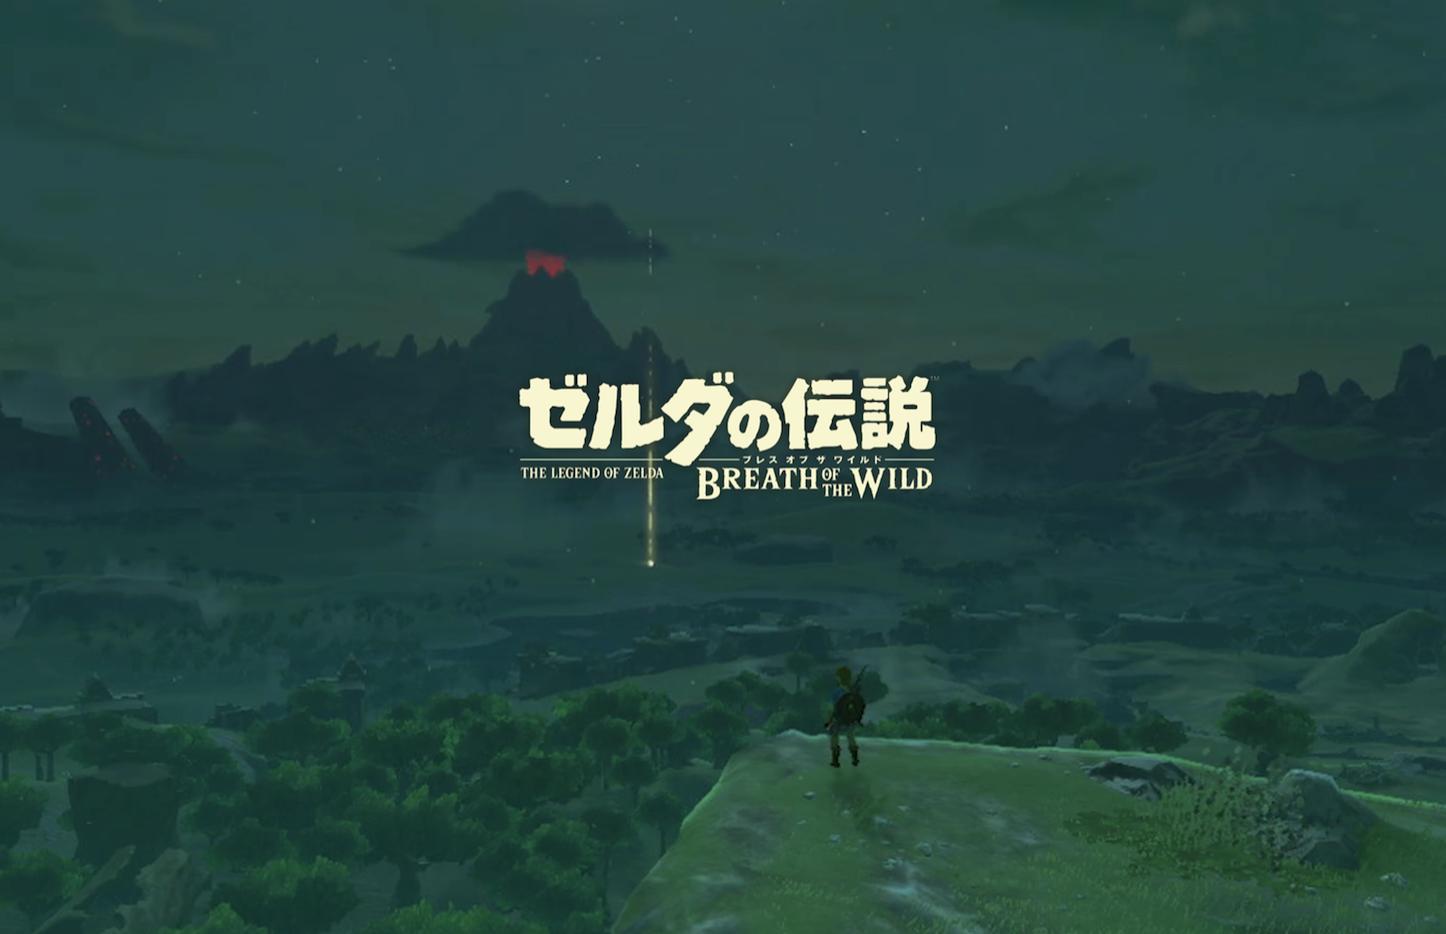 The-Legend-of-Zelda.png